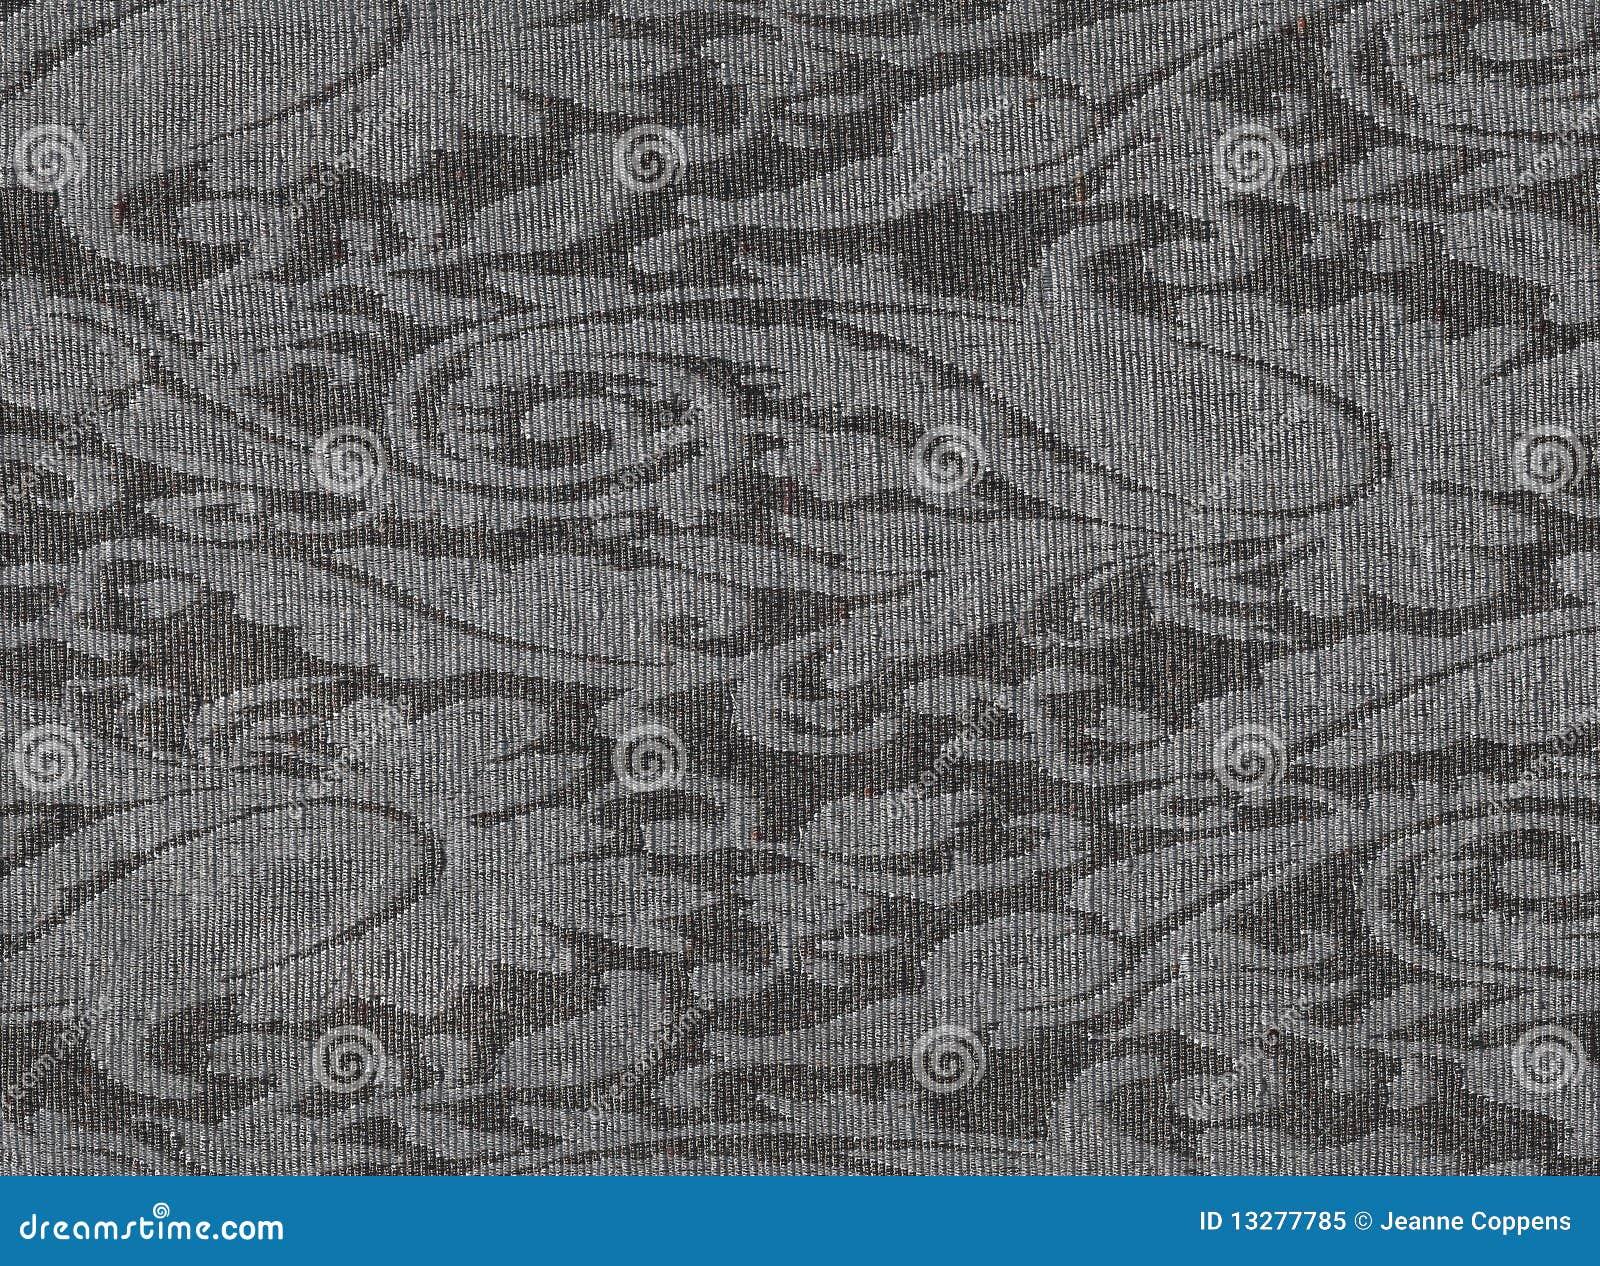 tapisserie argent e et grise photo libre de droits image 13277785. Black Bedroom Furniture Sets. Home Design Ideas